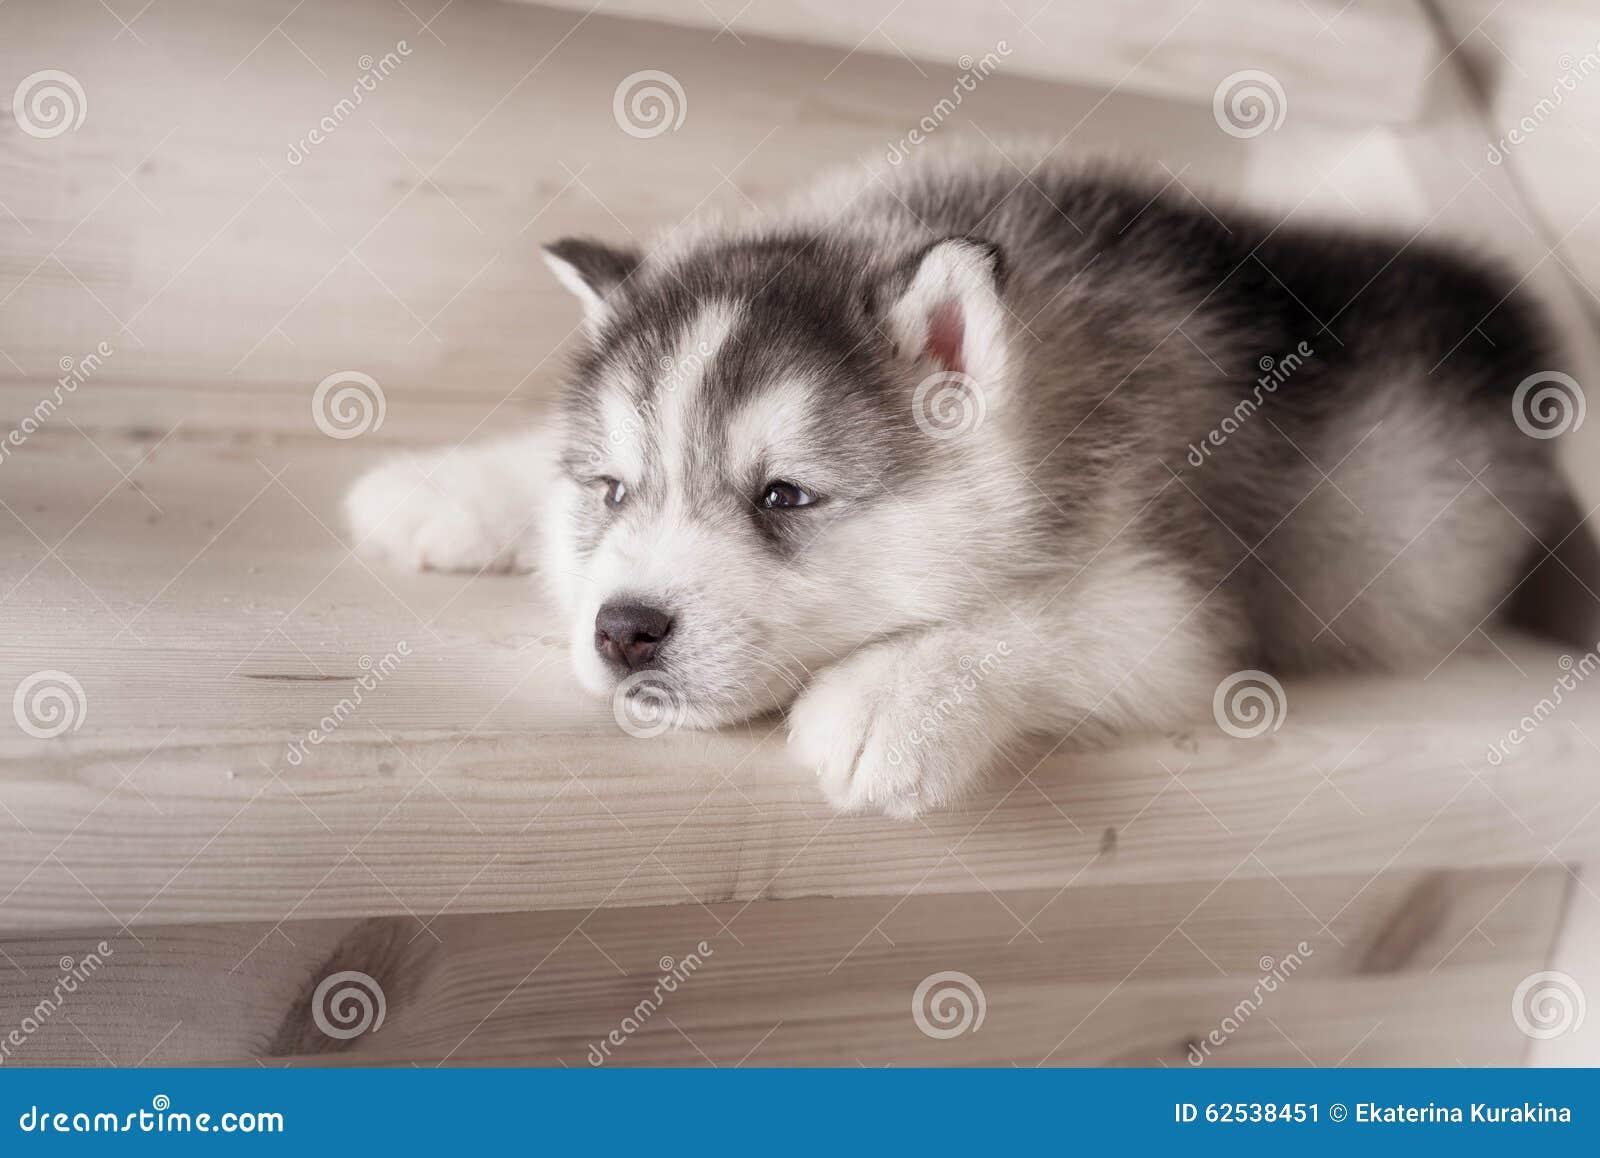 西伯利亚爱斯基摩人品种一条小狗在木地板上的